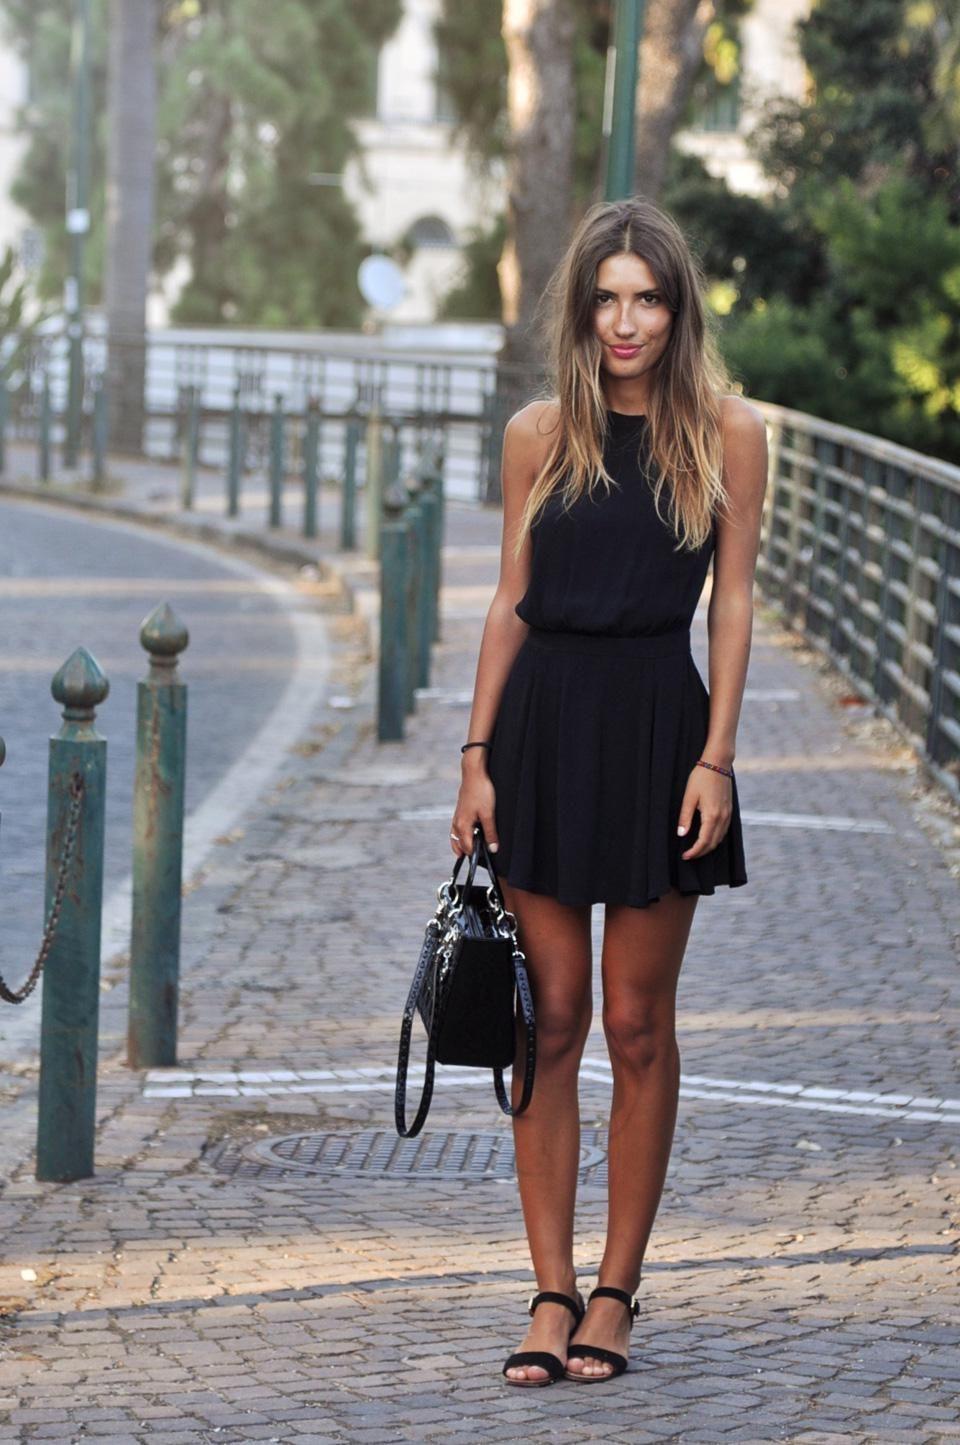 черное платье и босоножки фото